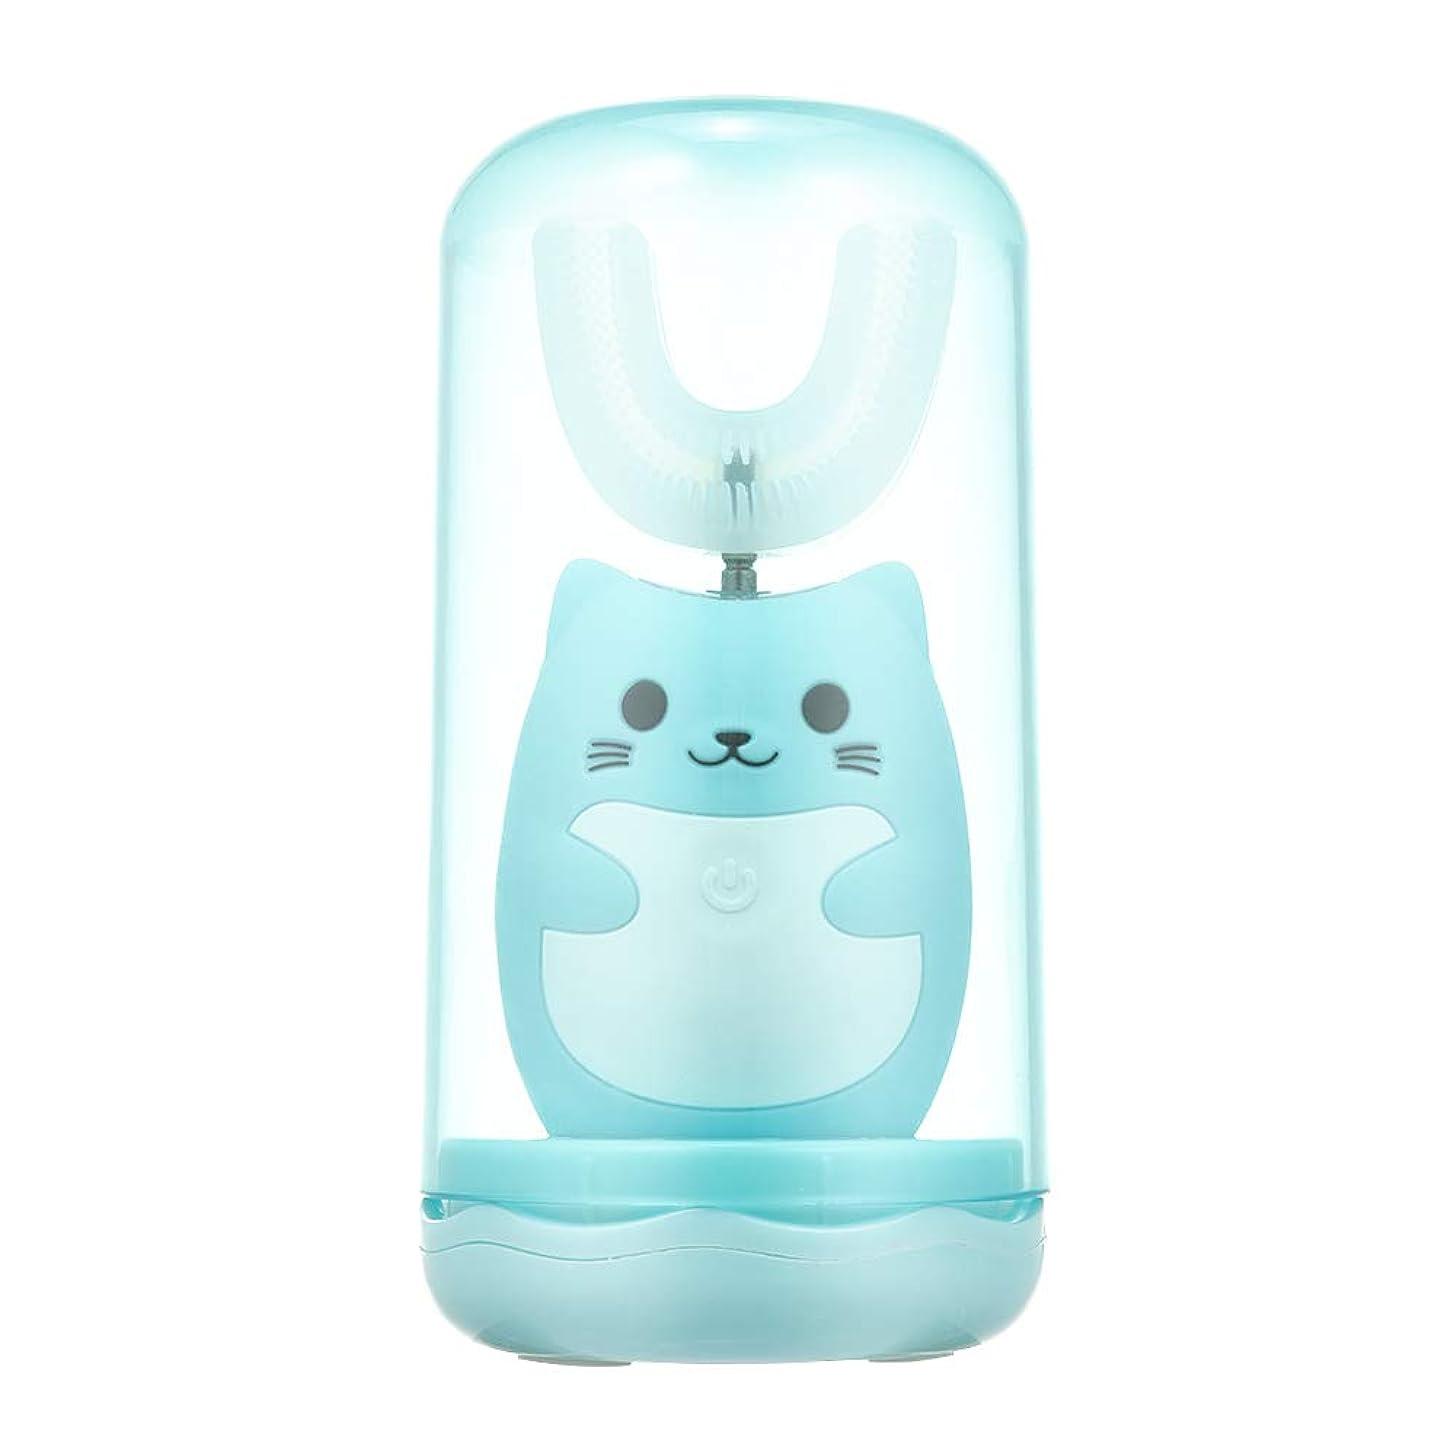 救いポイント大きいDecdeal 電動歯ブラシ 子供用 U型 充電式 歯ブラシ 3つモード 防水 幼児 子供